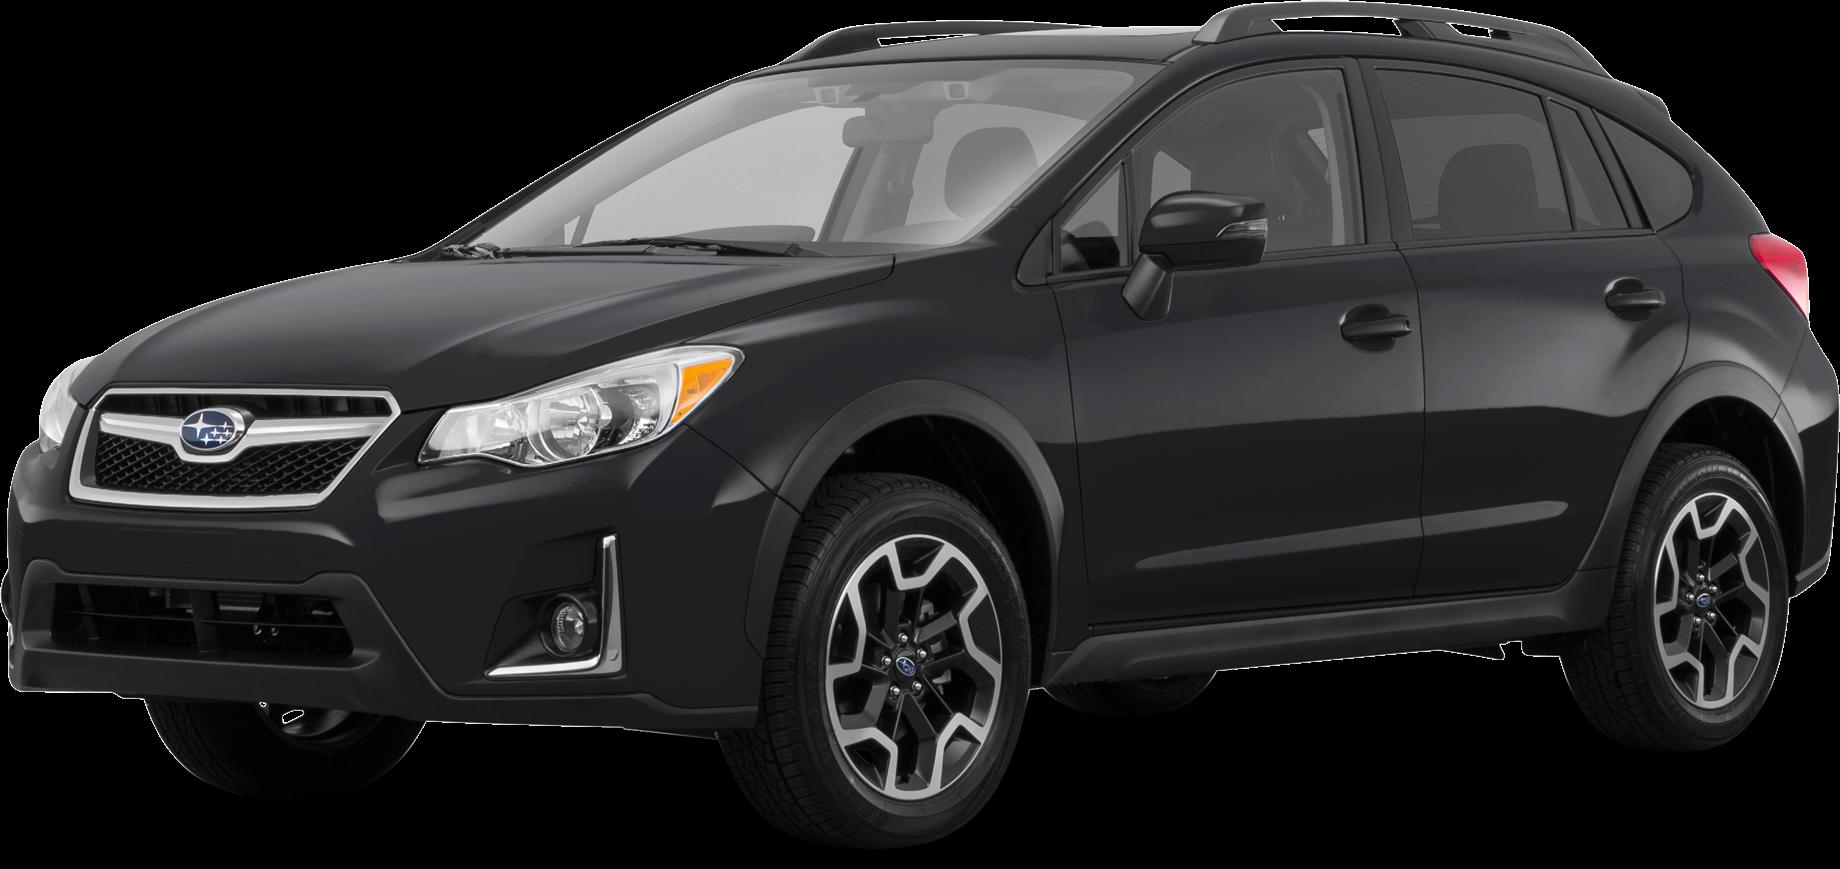 2016 Subaru Impreza | Pricing, Ratings, Expert Review | Kelley Blue Book